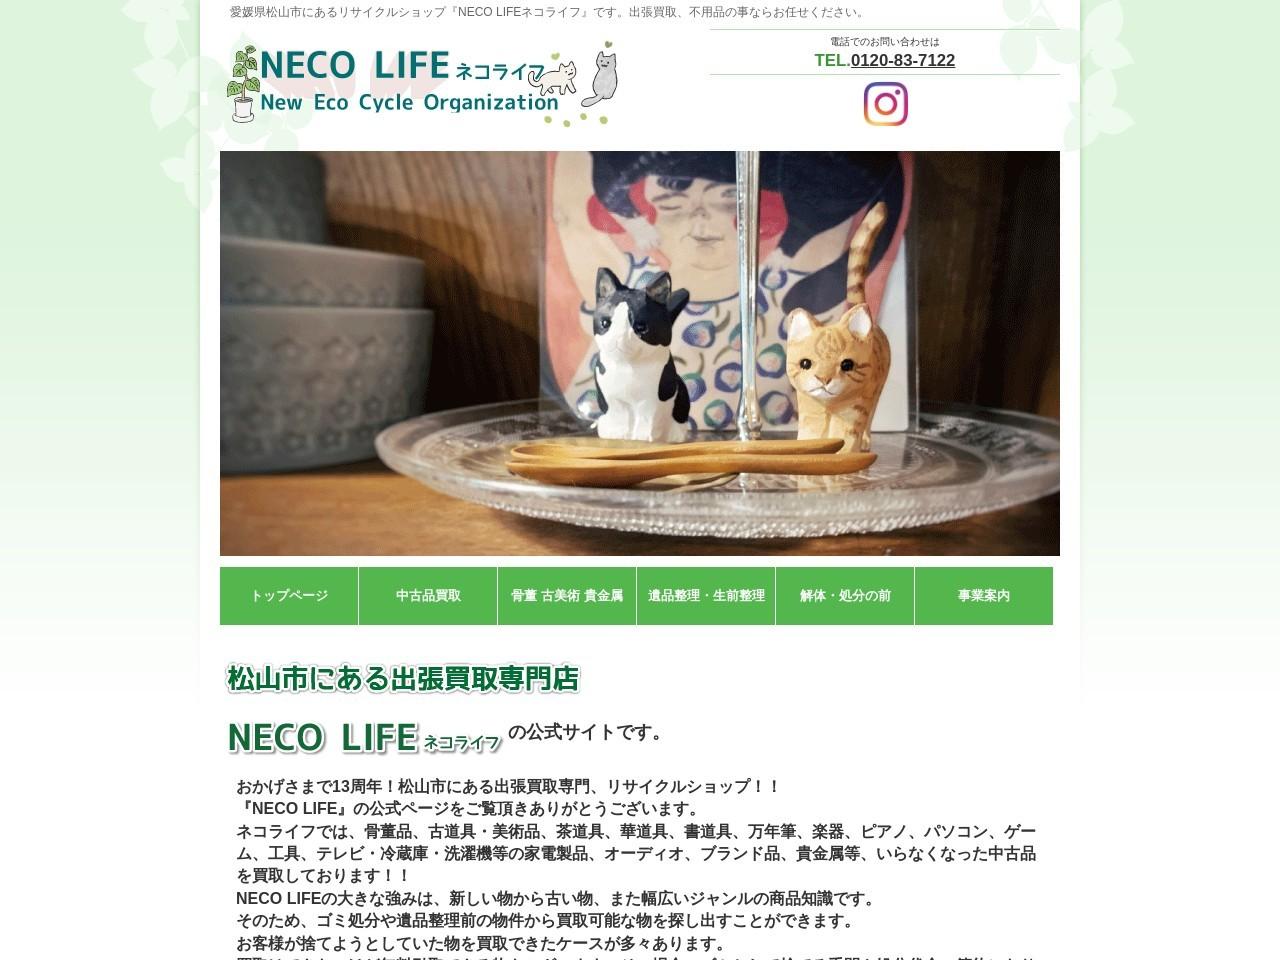 松山市|リサイクル|リサイクルショップ|エコライフ|出張買取|不用品